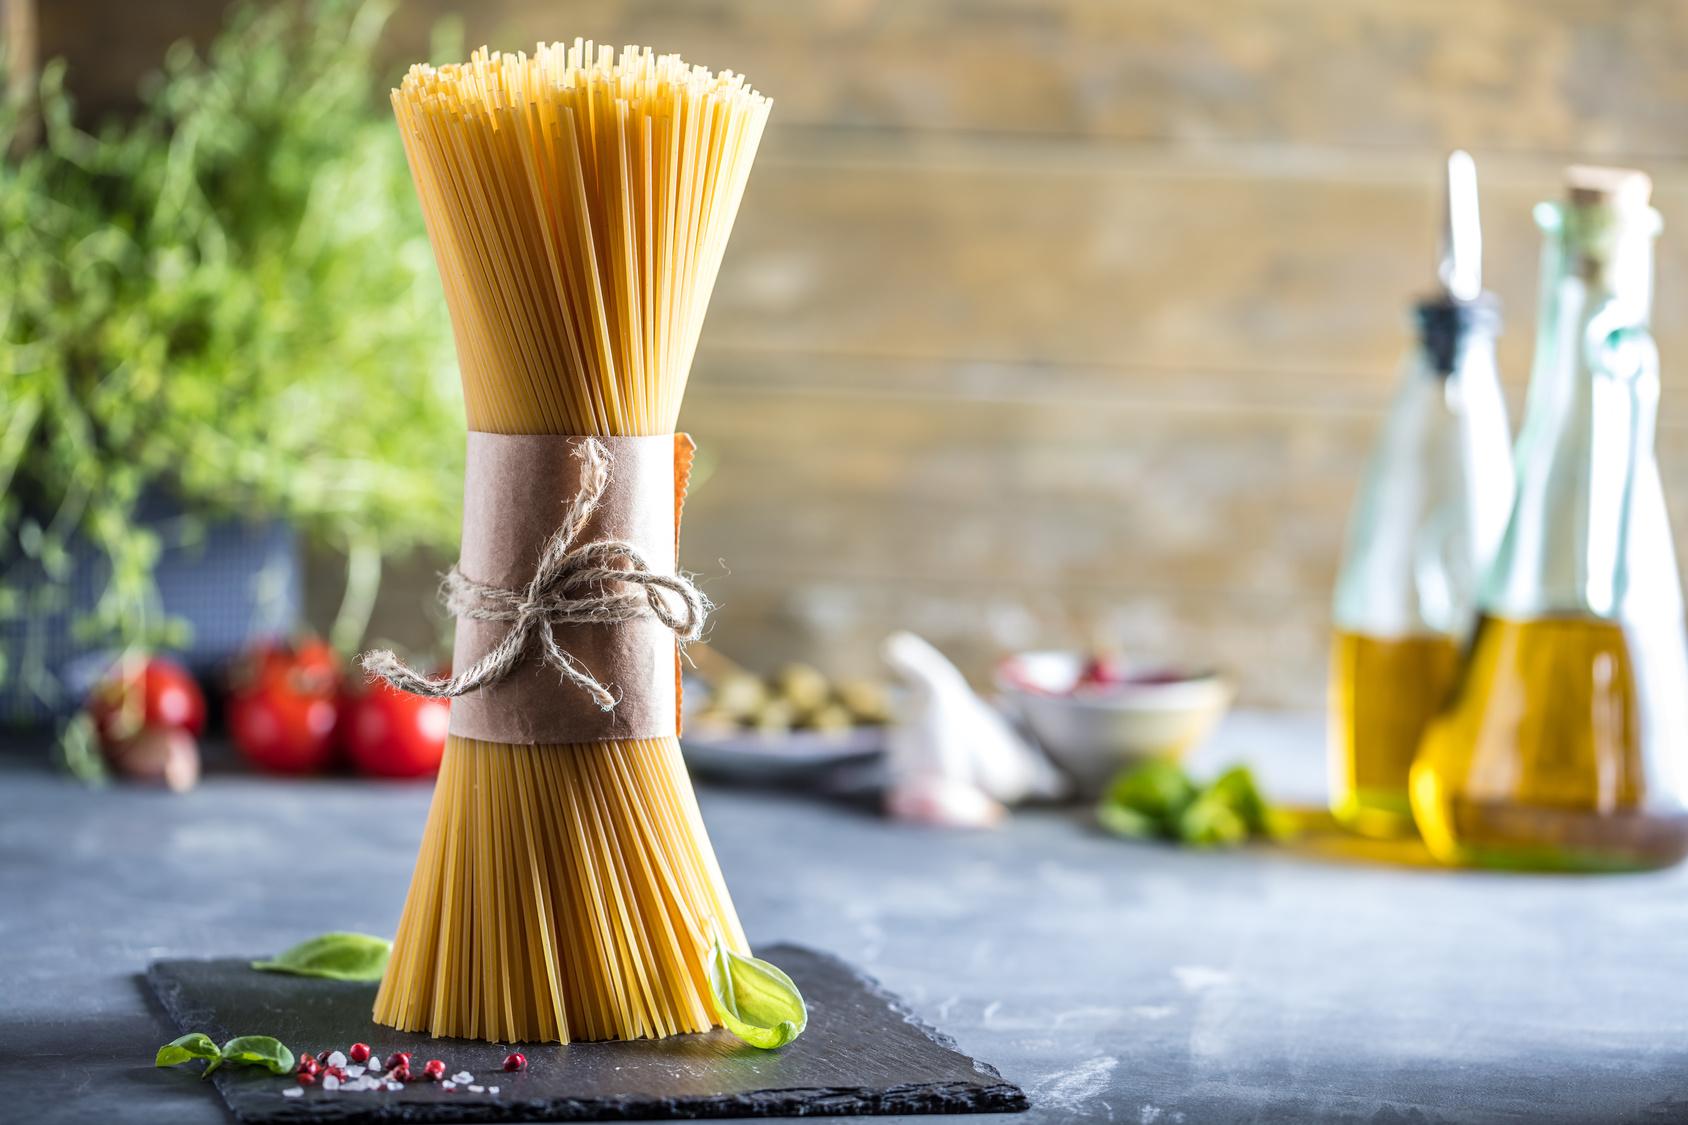 origine, mazzo di spaghetti in verticale su tavolo